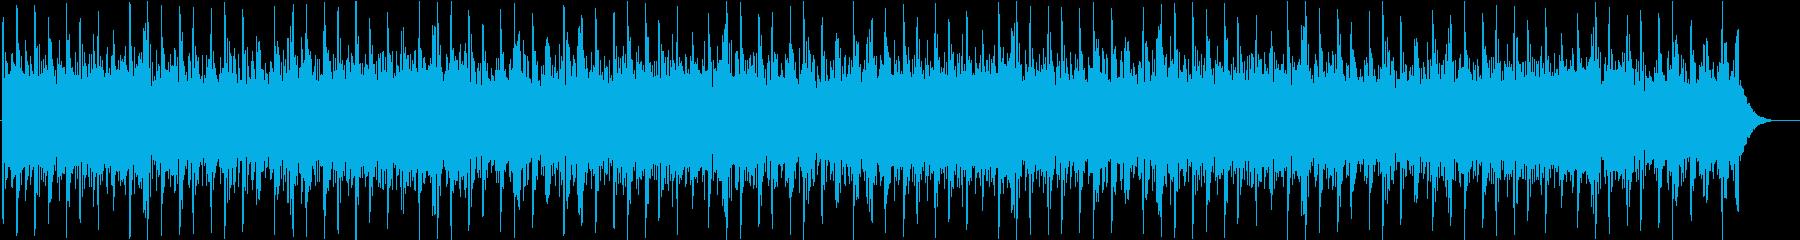 不思議な空間の曲 暗い版の再生済みの波形